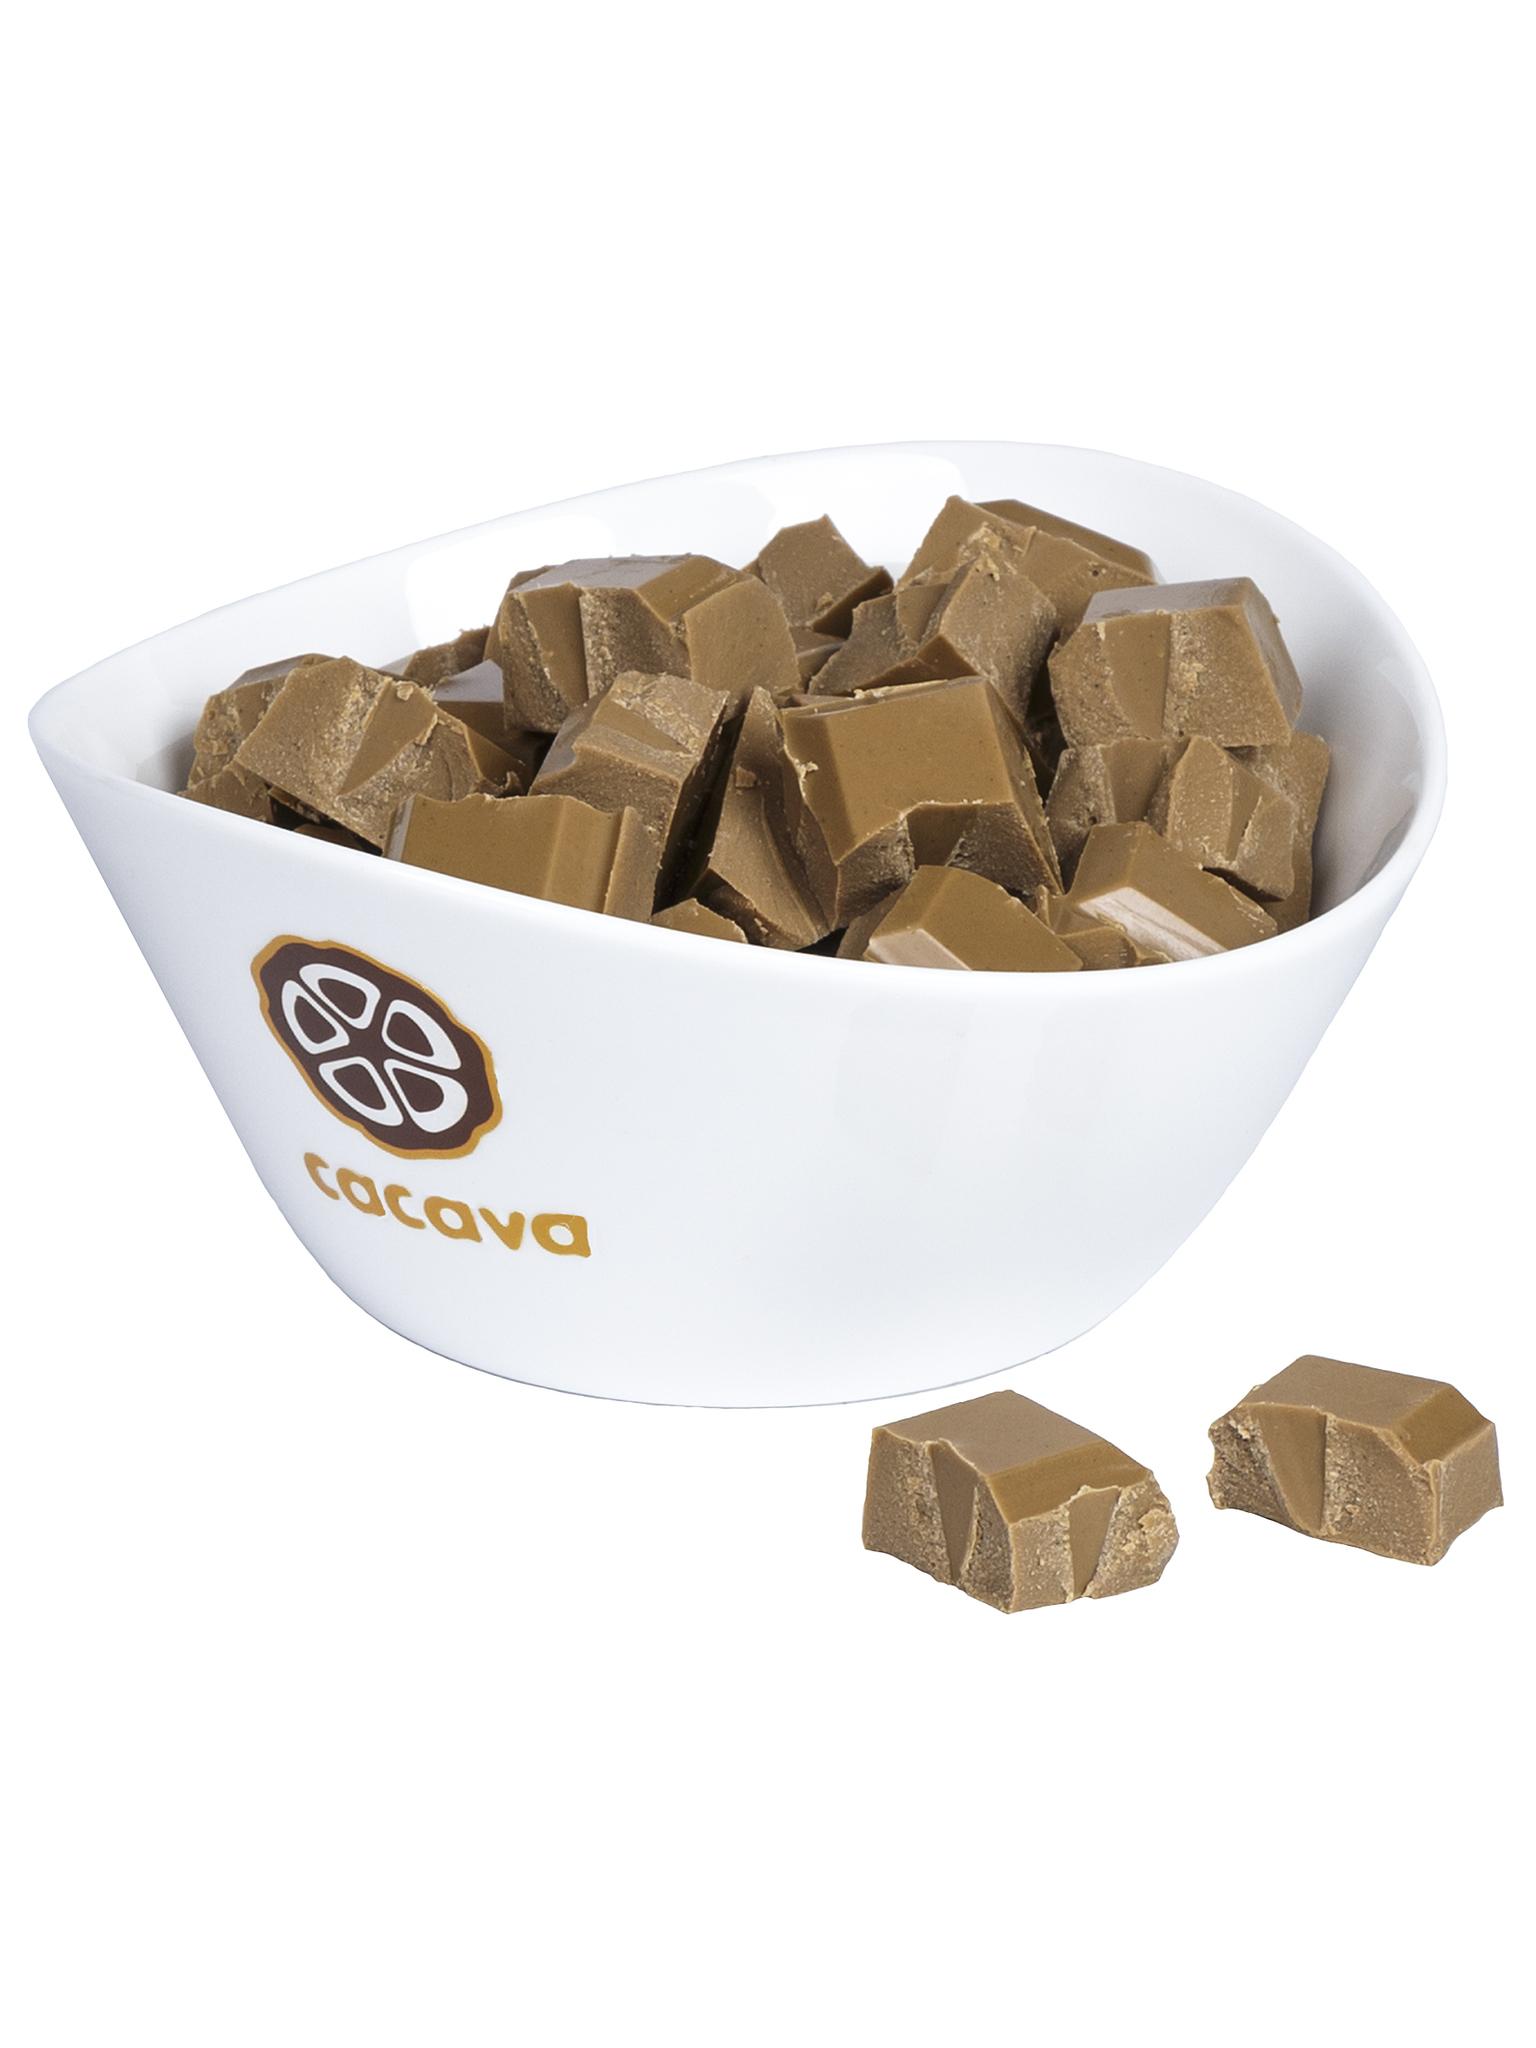 Белый шоколад на кокосовом сахаре, внешний вид